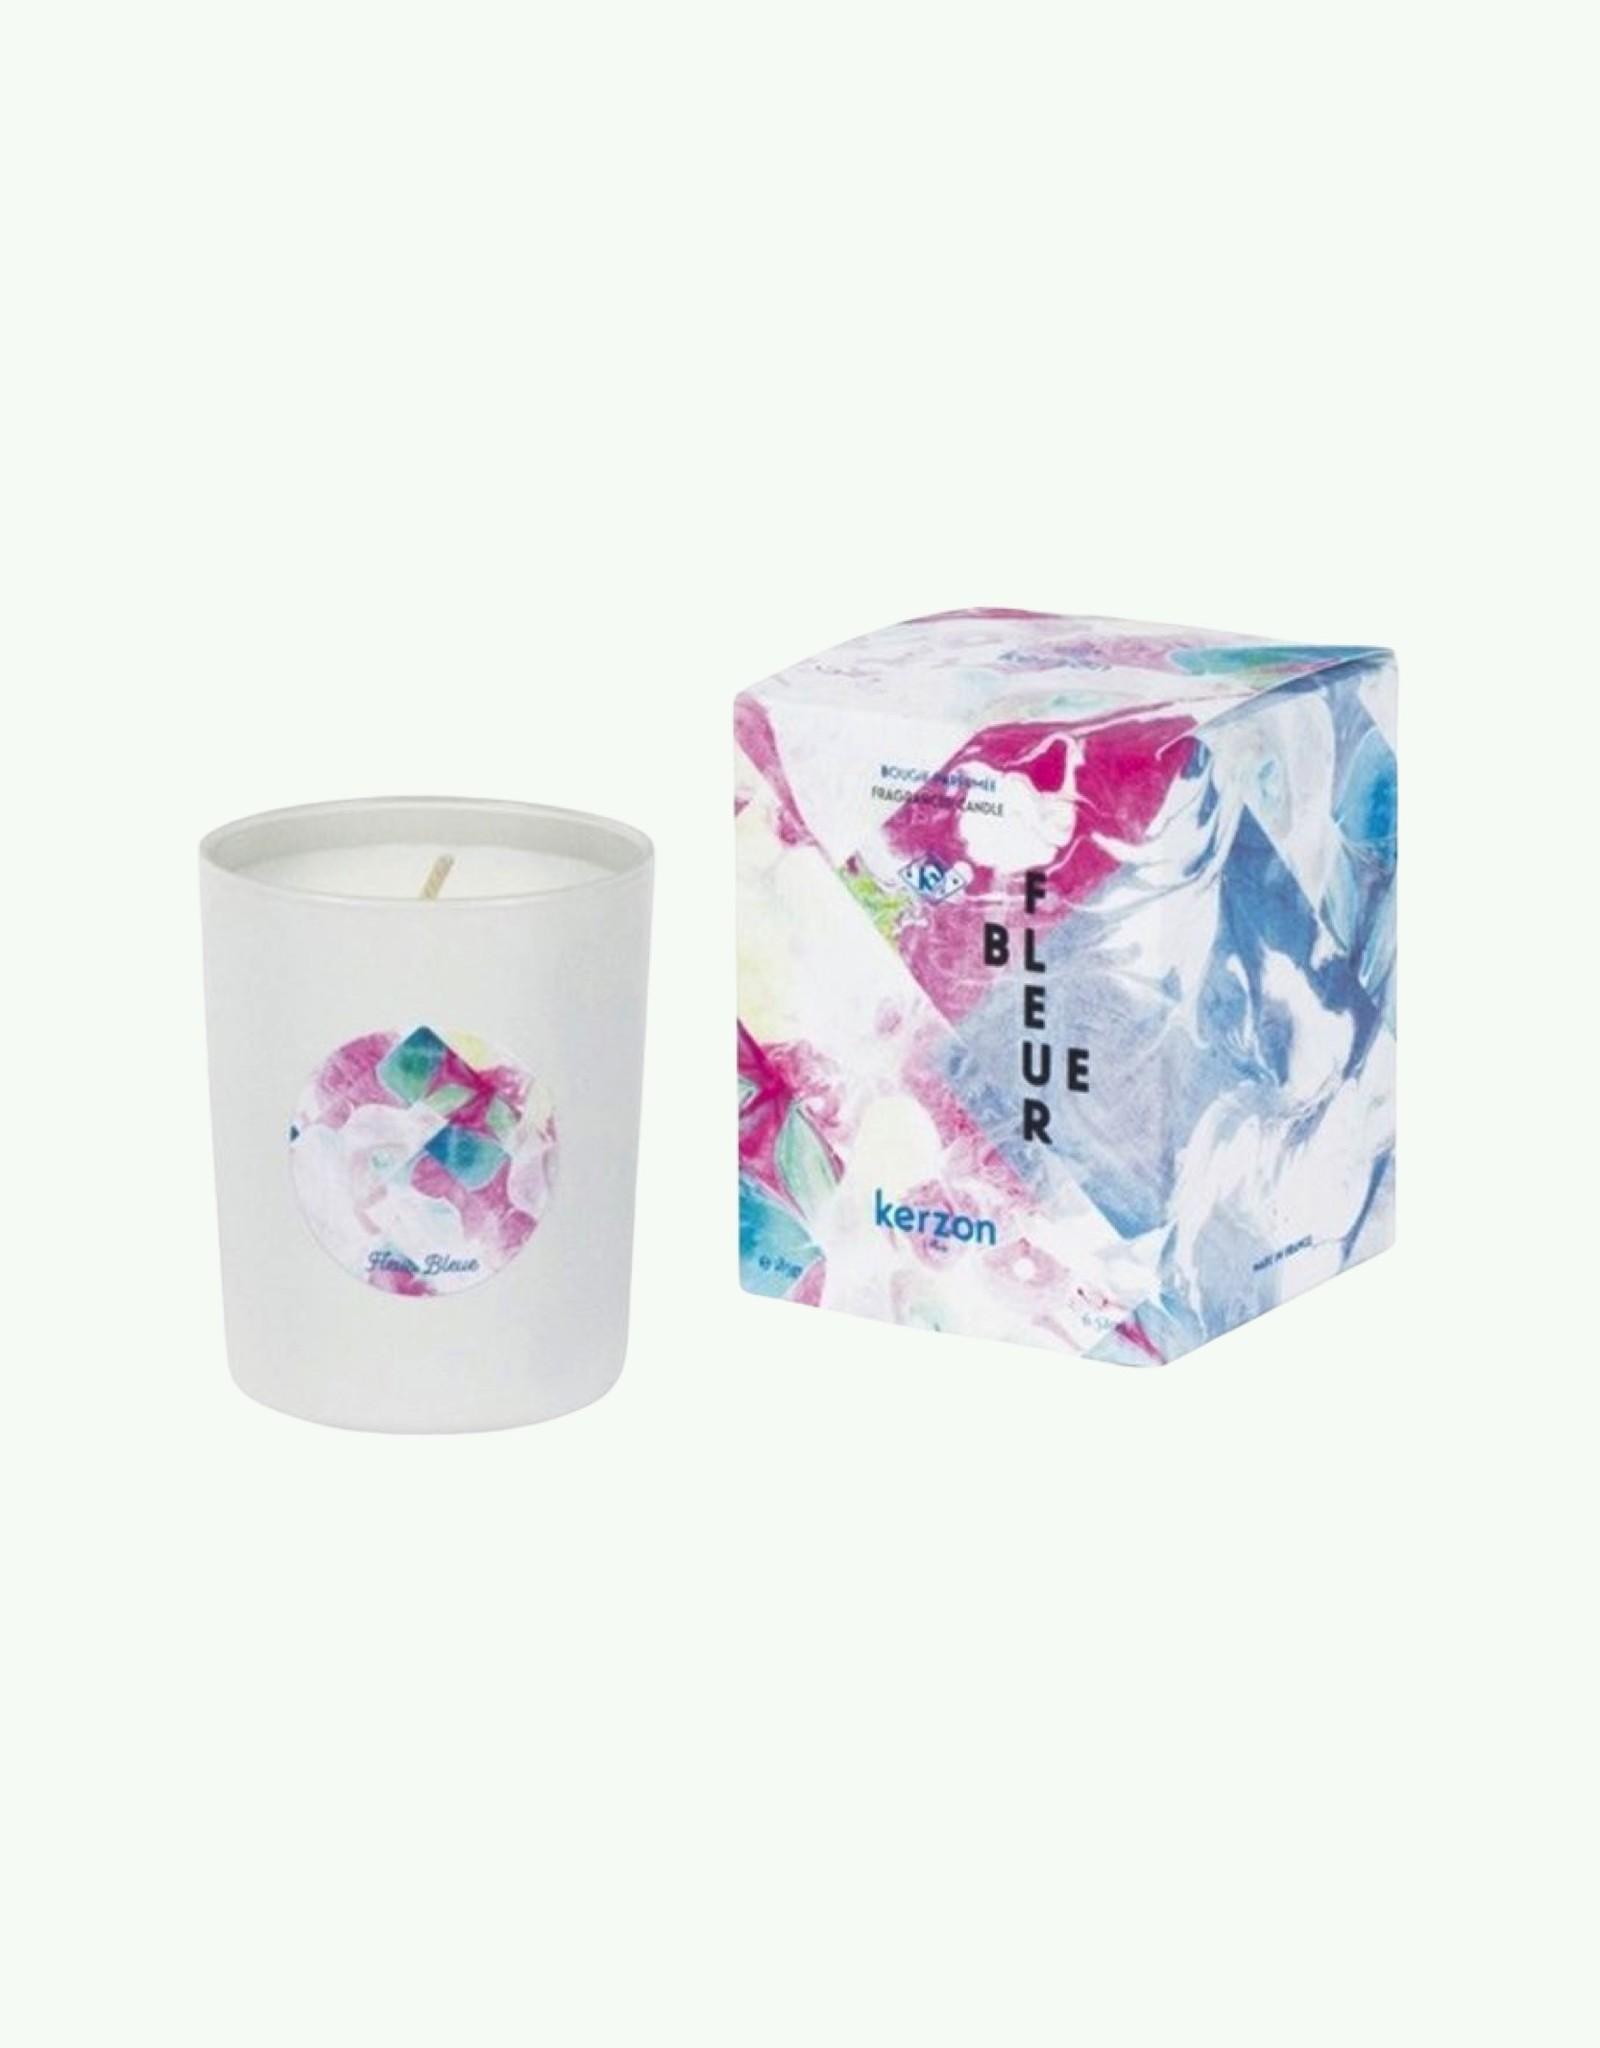 Kerzon Kerzon - Fleur Bleue - Bougie parfumée